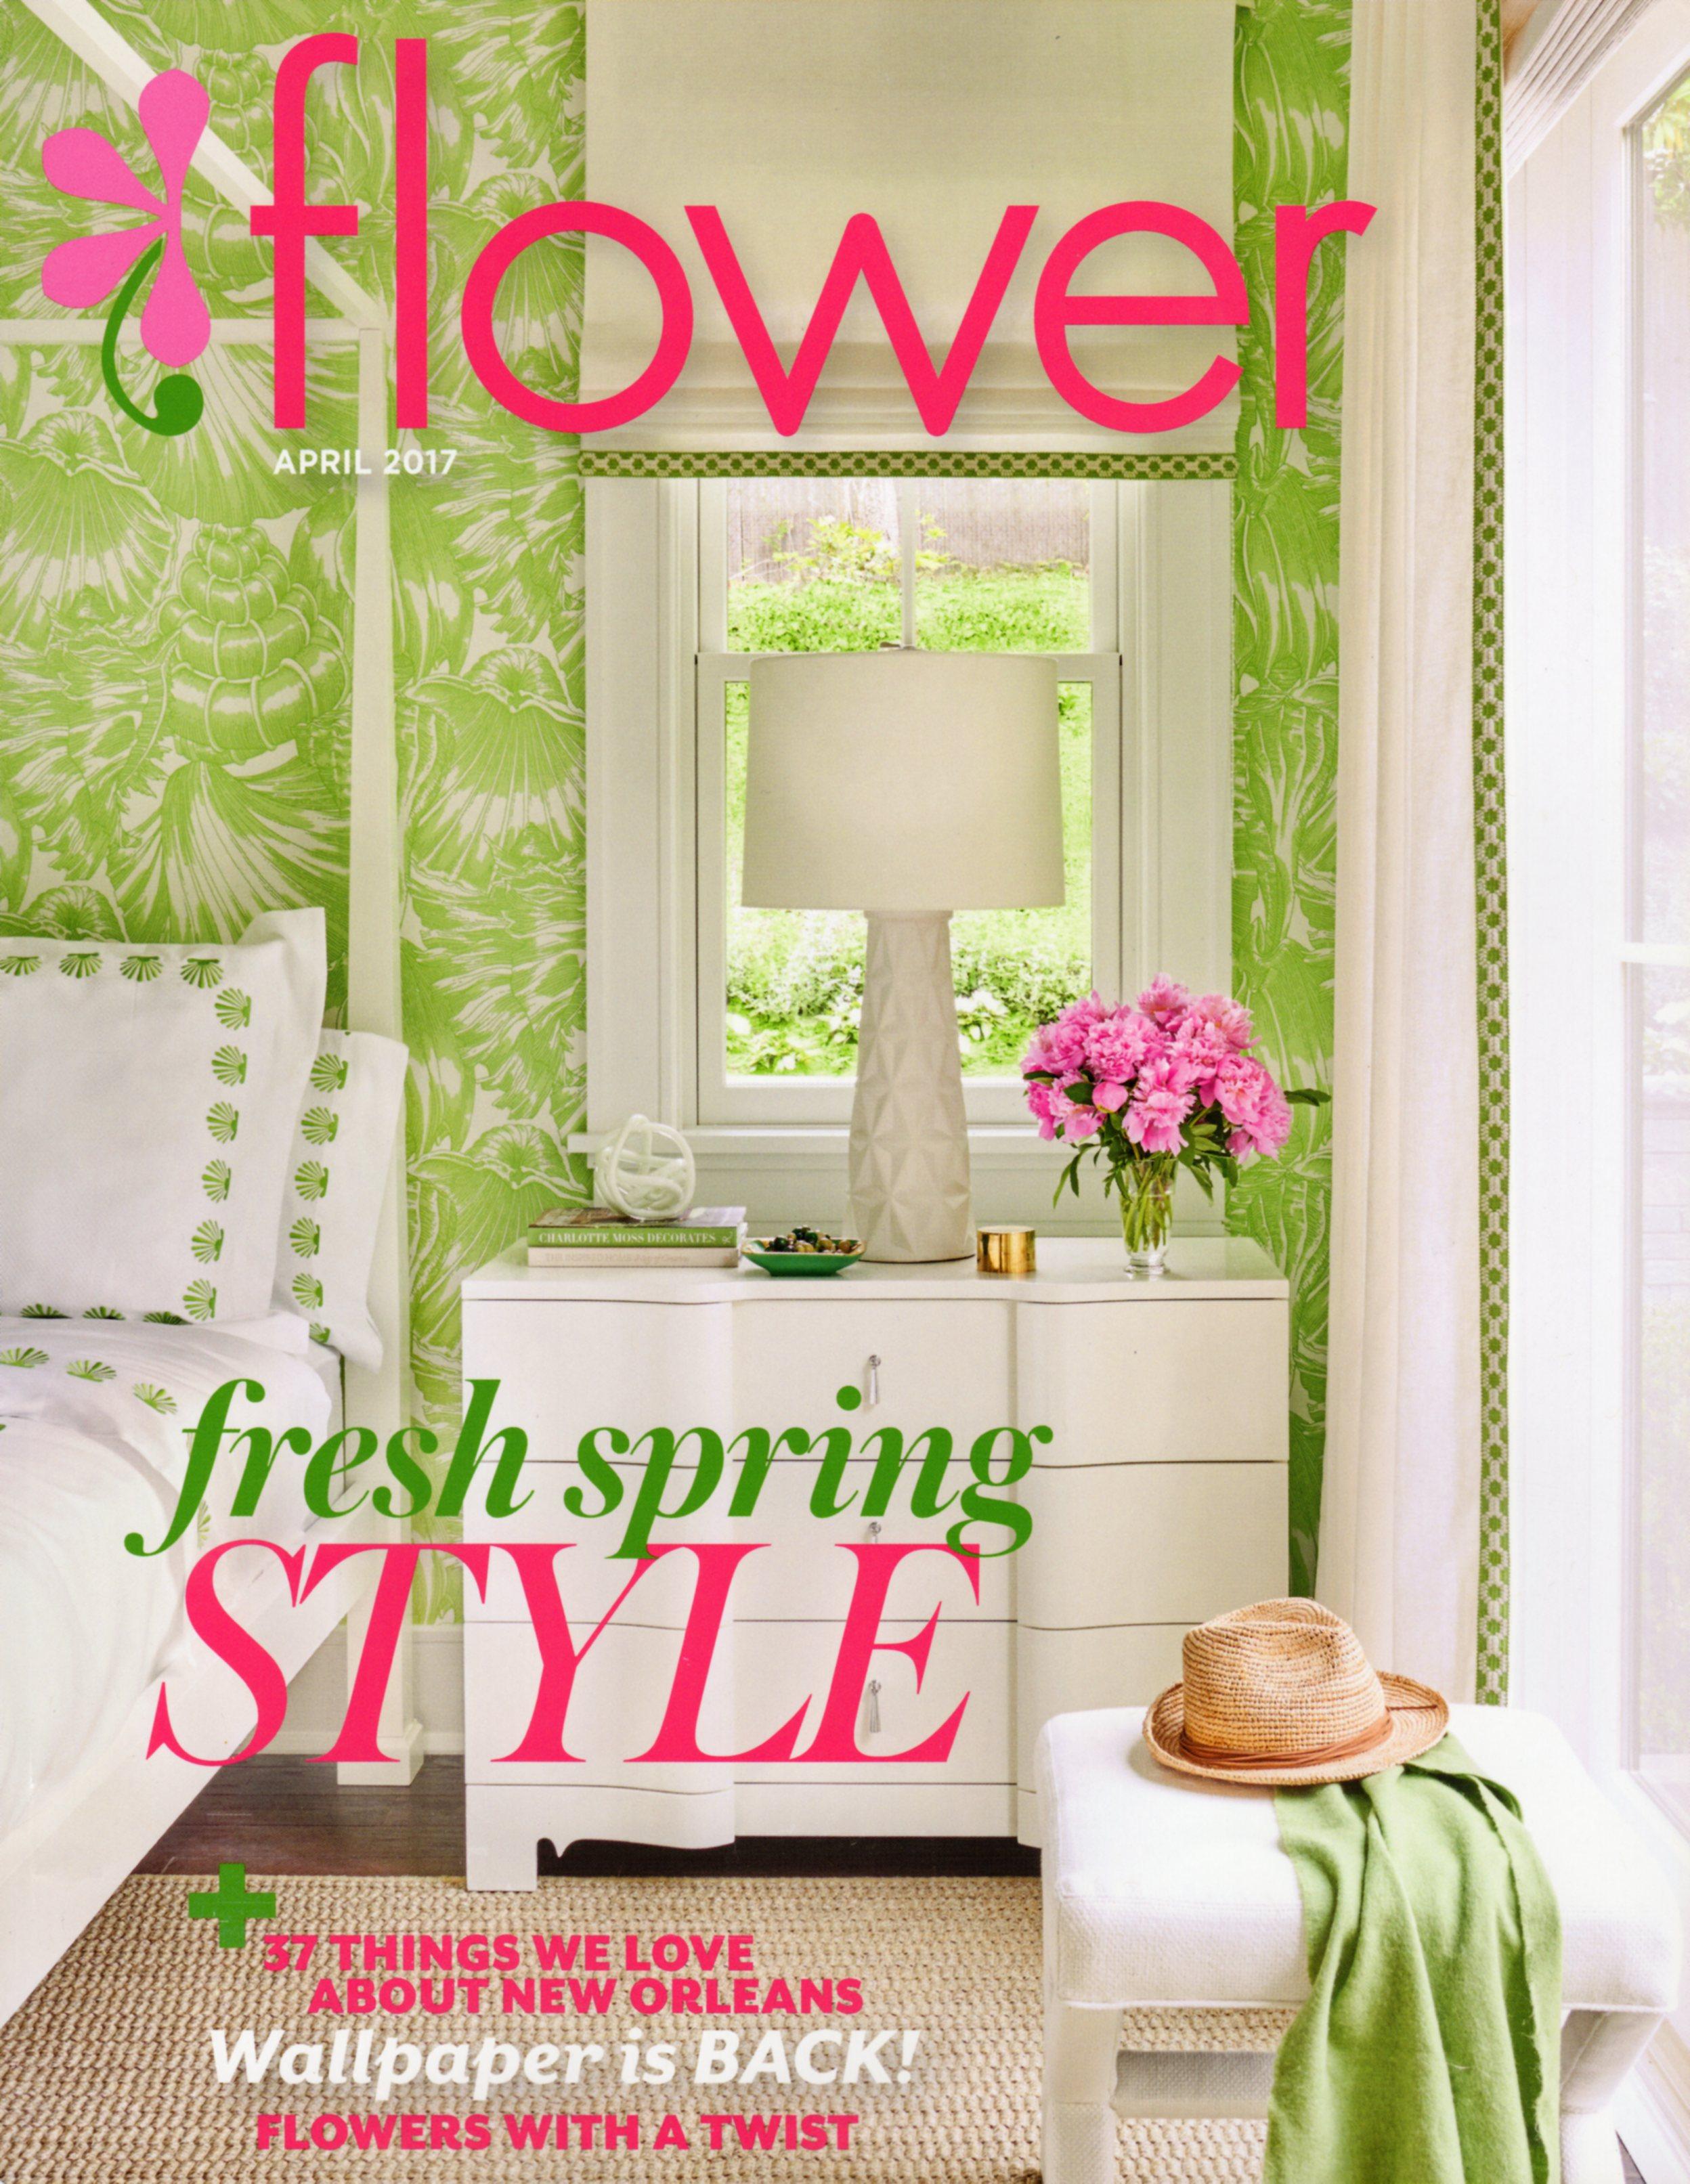 Flower Magazine April 2017 cover.jpg